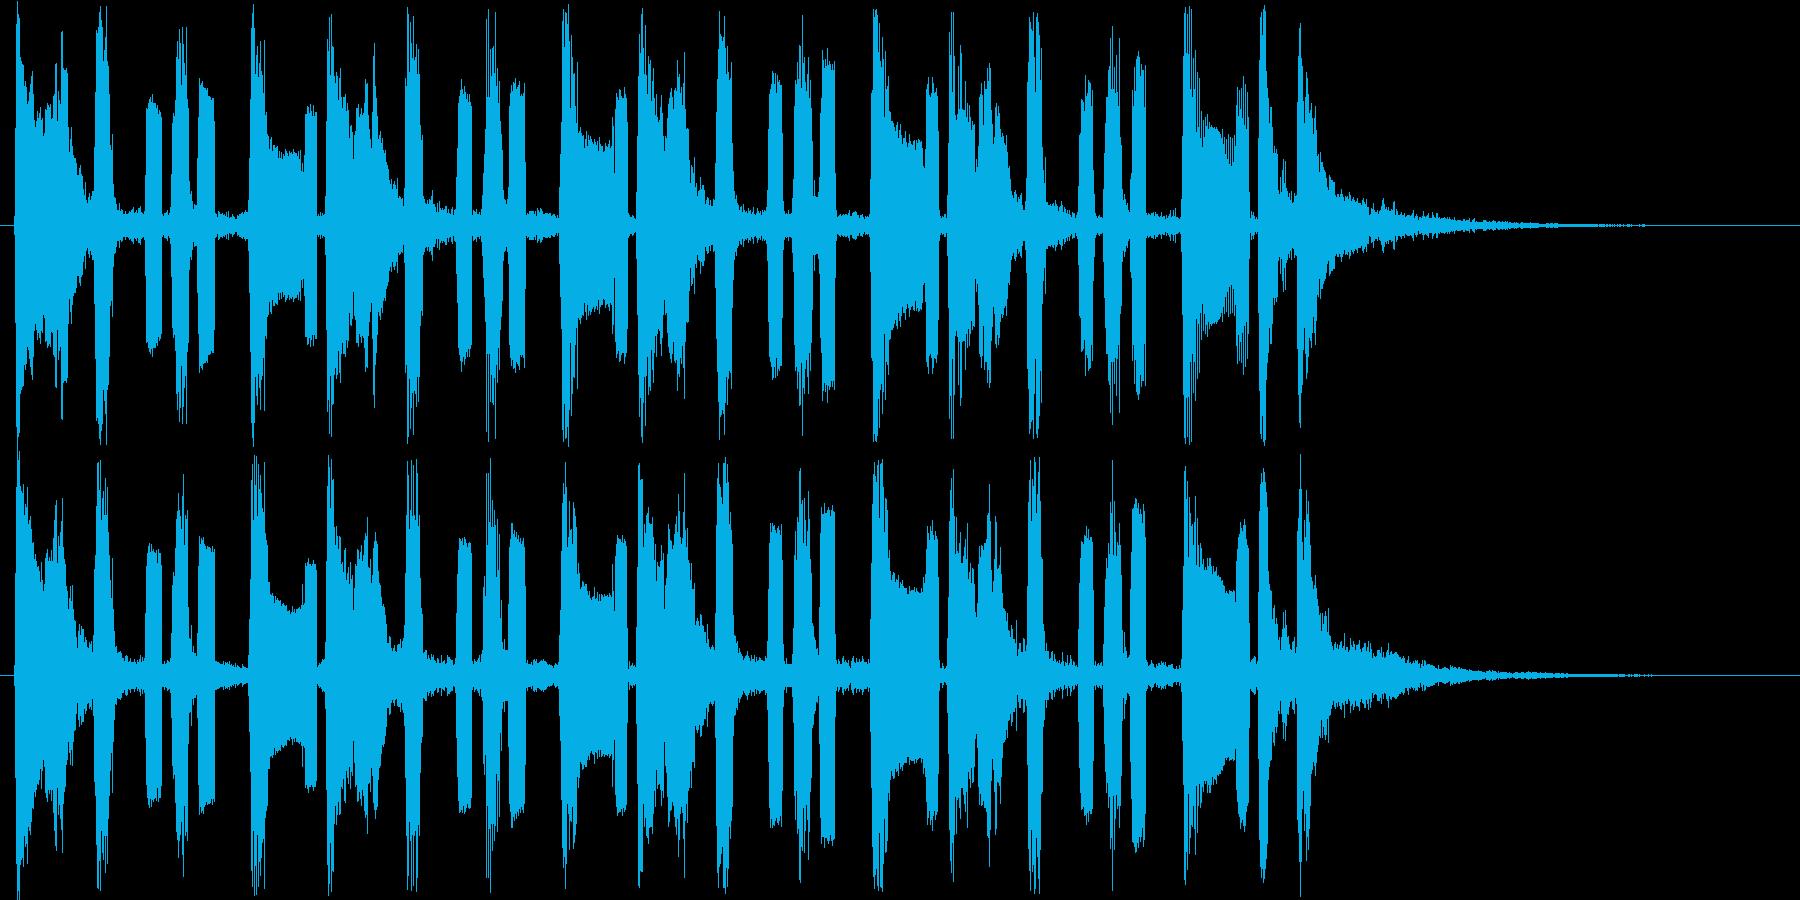 コミカルな音で様子を表す曲の再生済みの波形